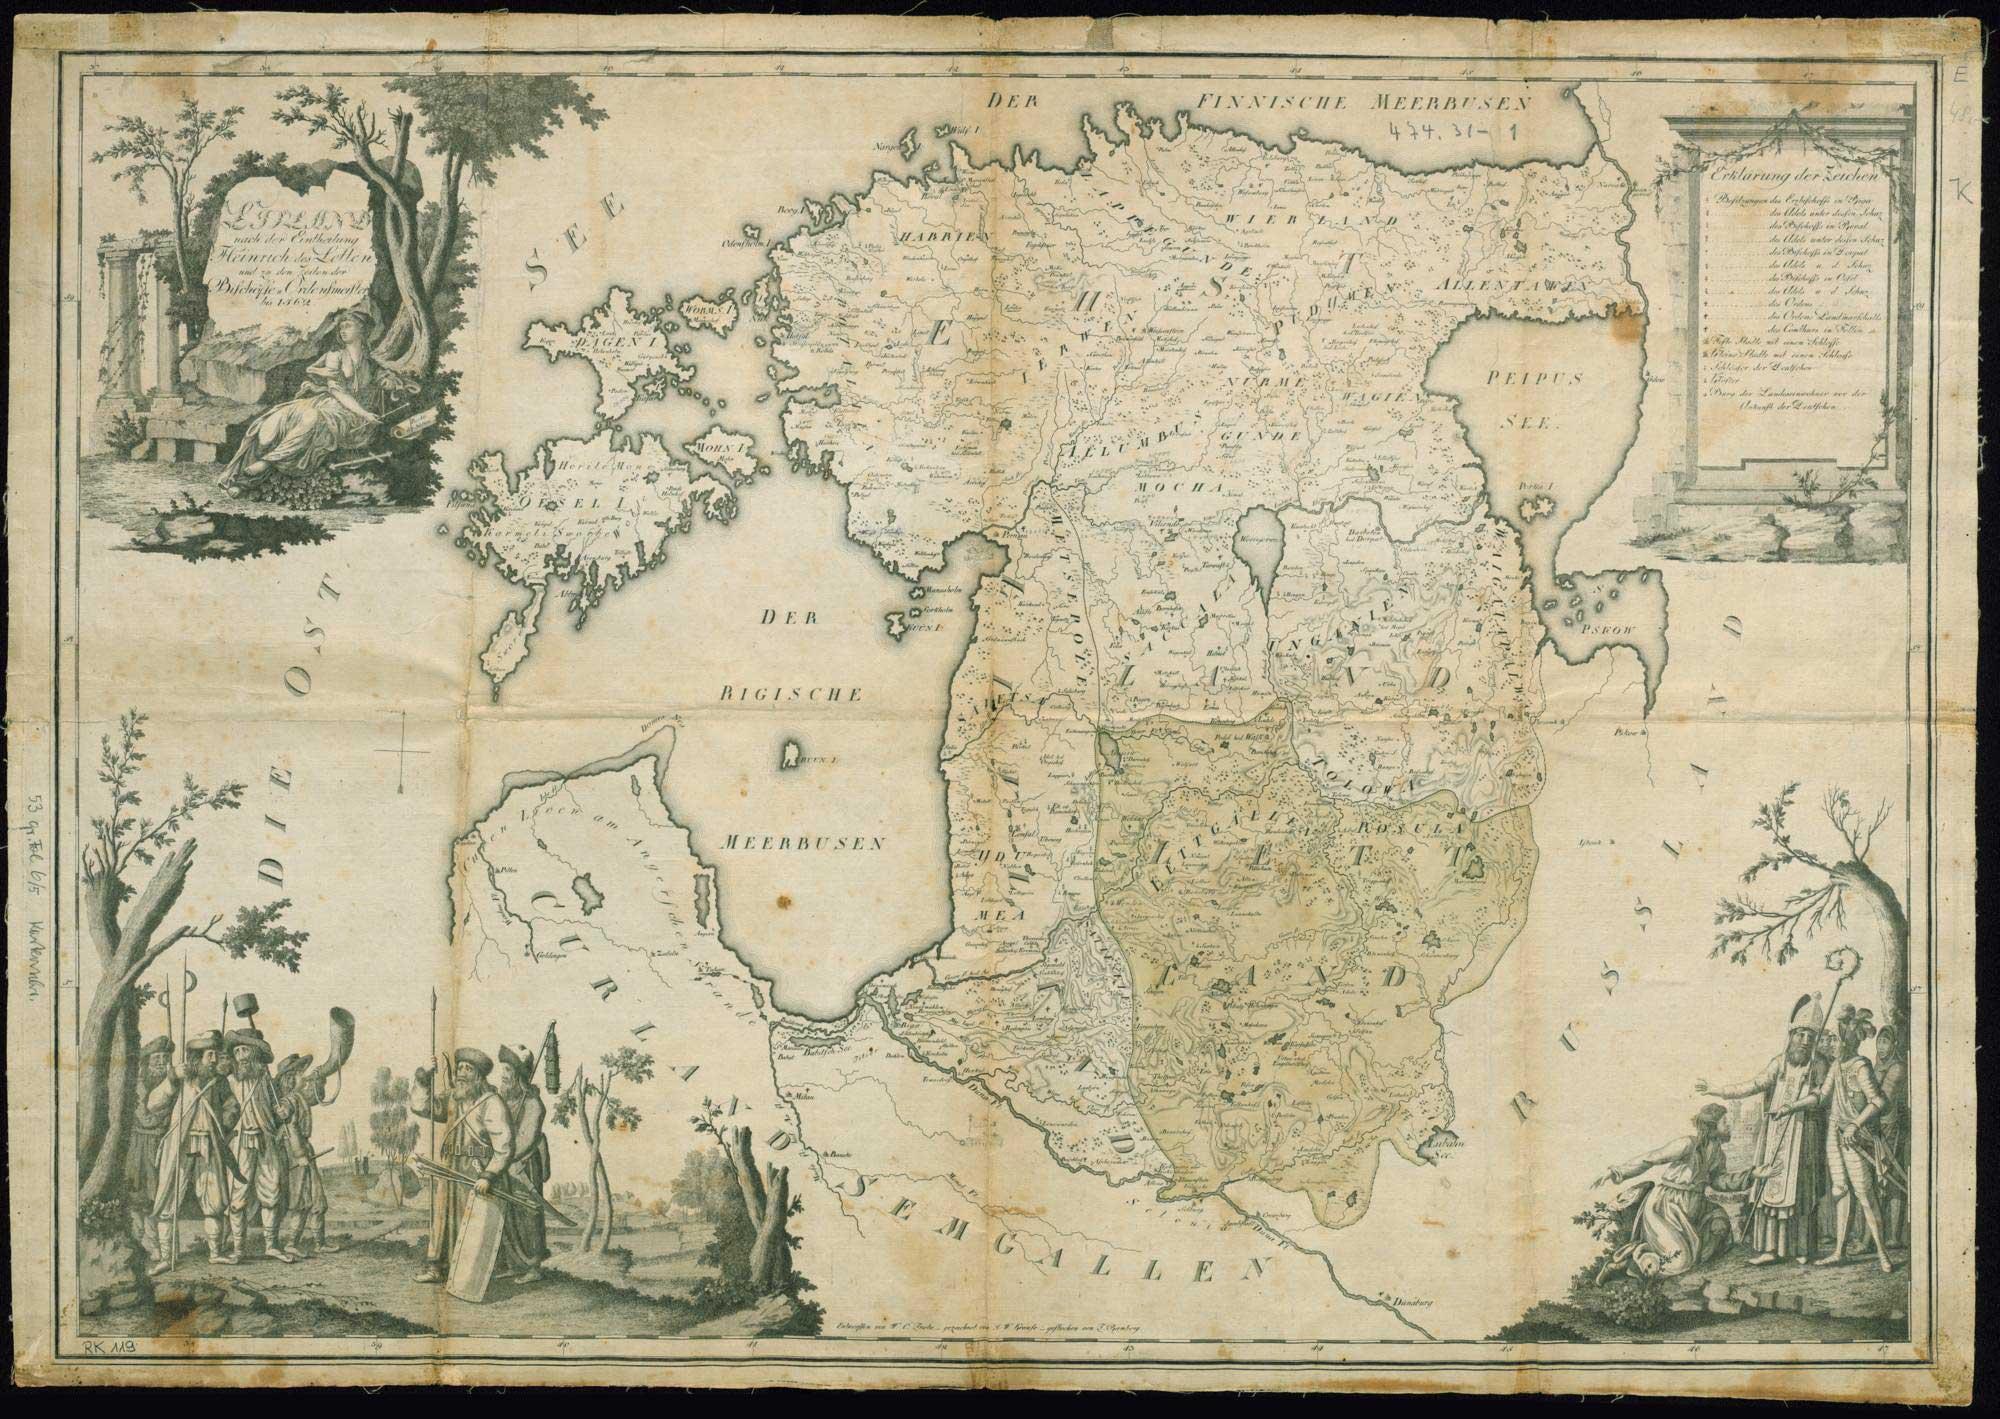 Livland nach der Eintheilung Heinrich des Letten und zu den Zeiten der Bischöffe u. Ordensmeister u. Ordensmeister bis 1562